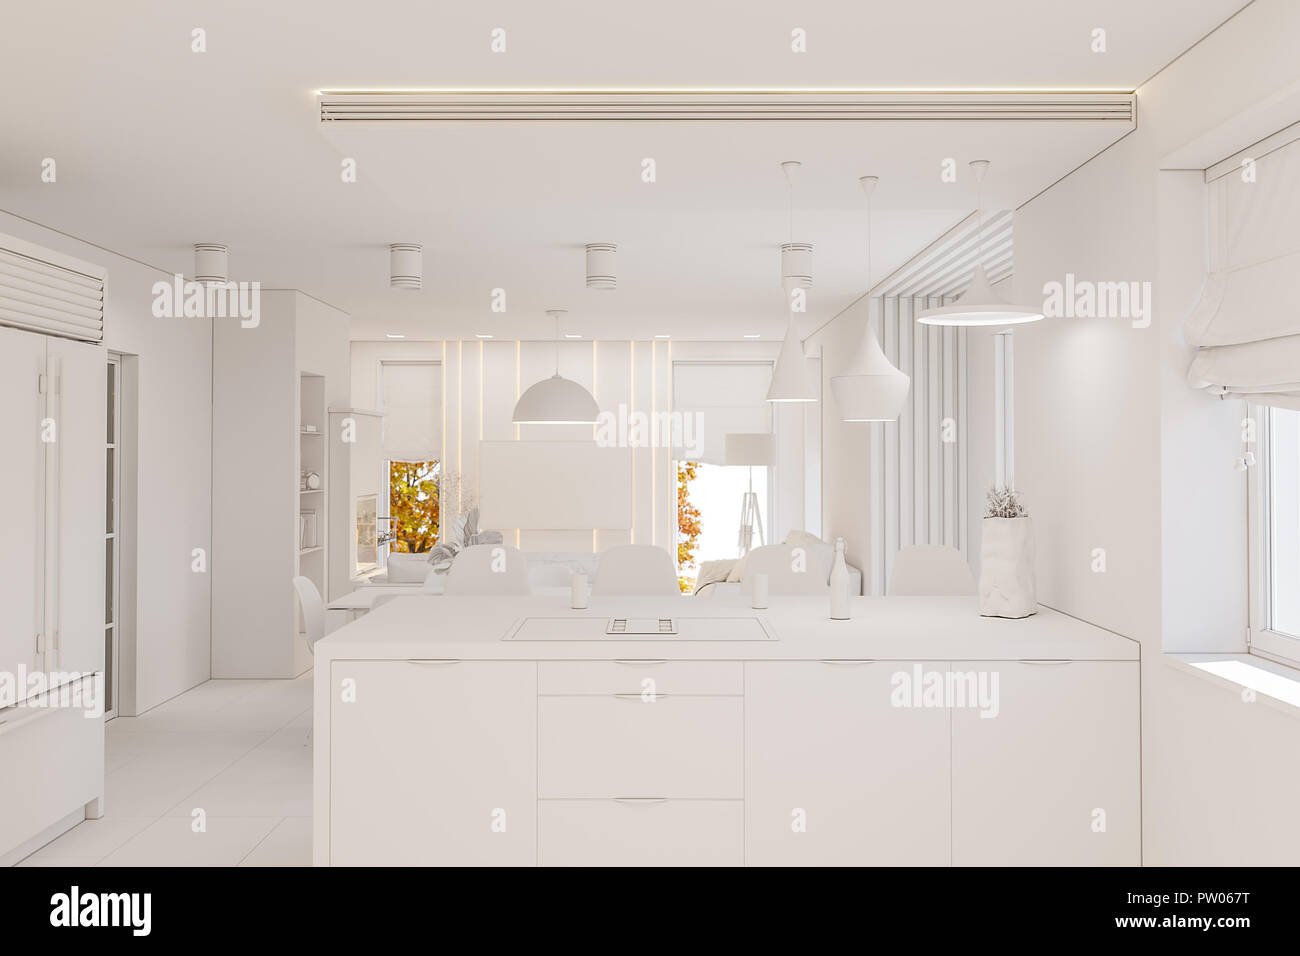 Kitchen Interior Design In White Color Modern Studio Apartment In